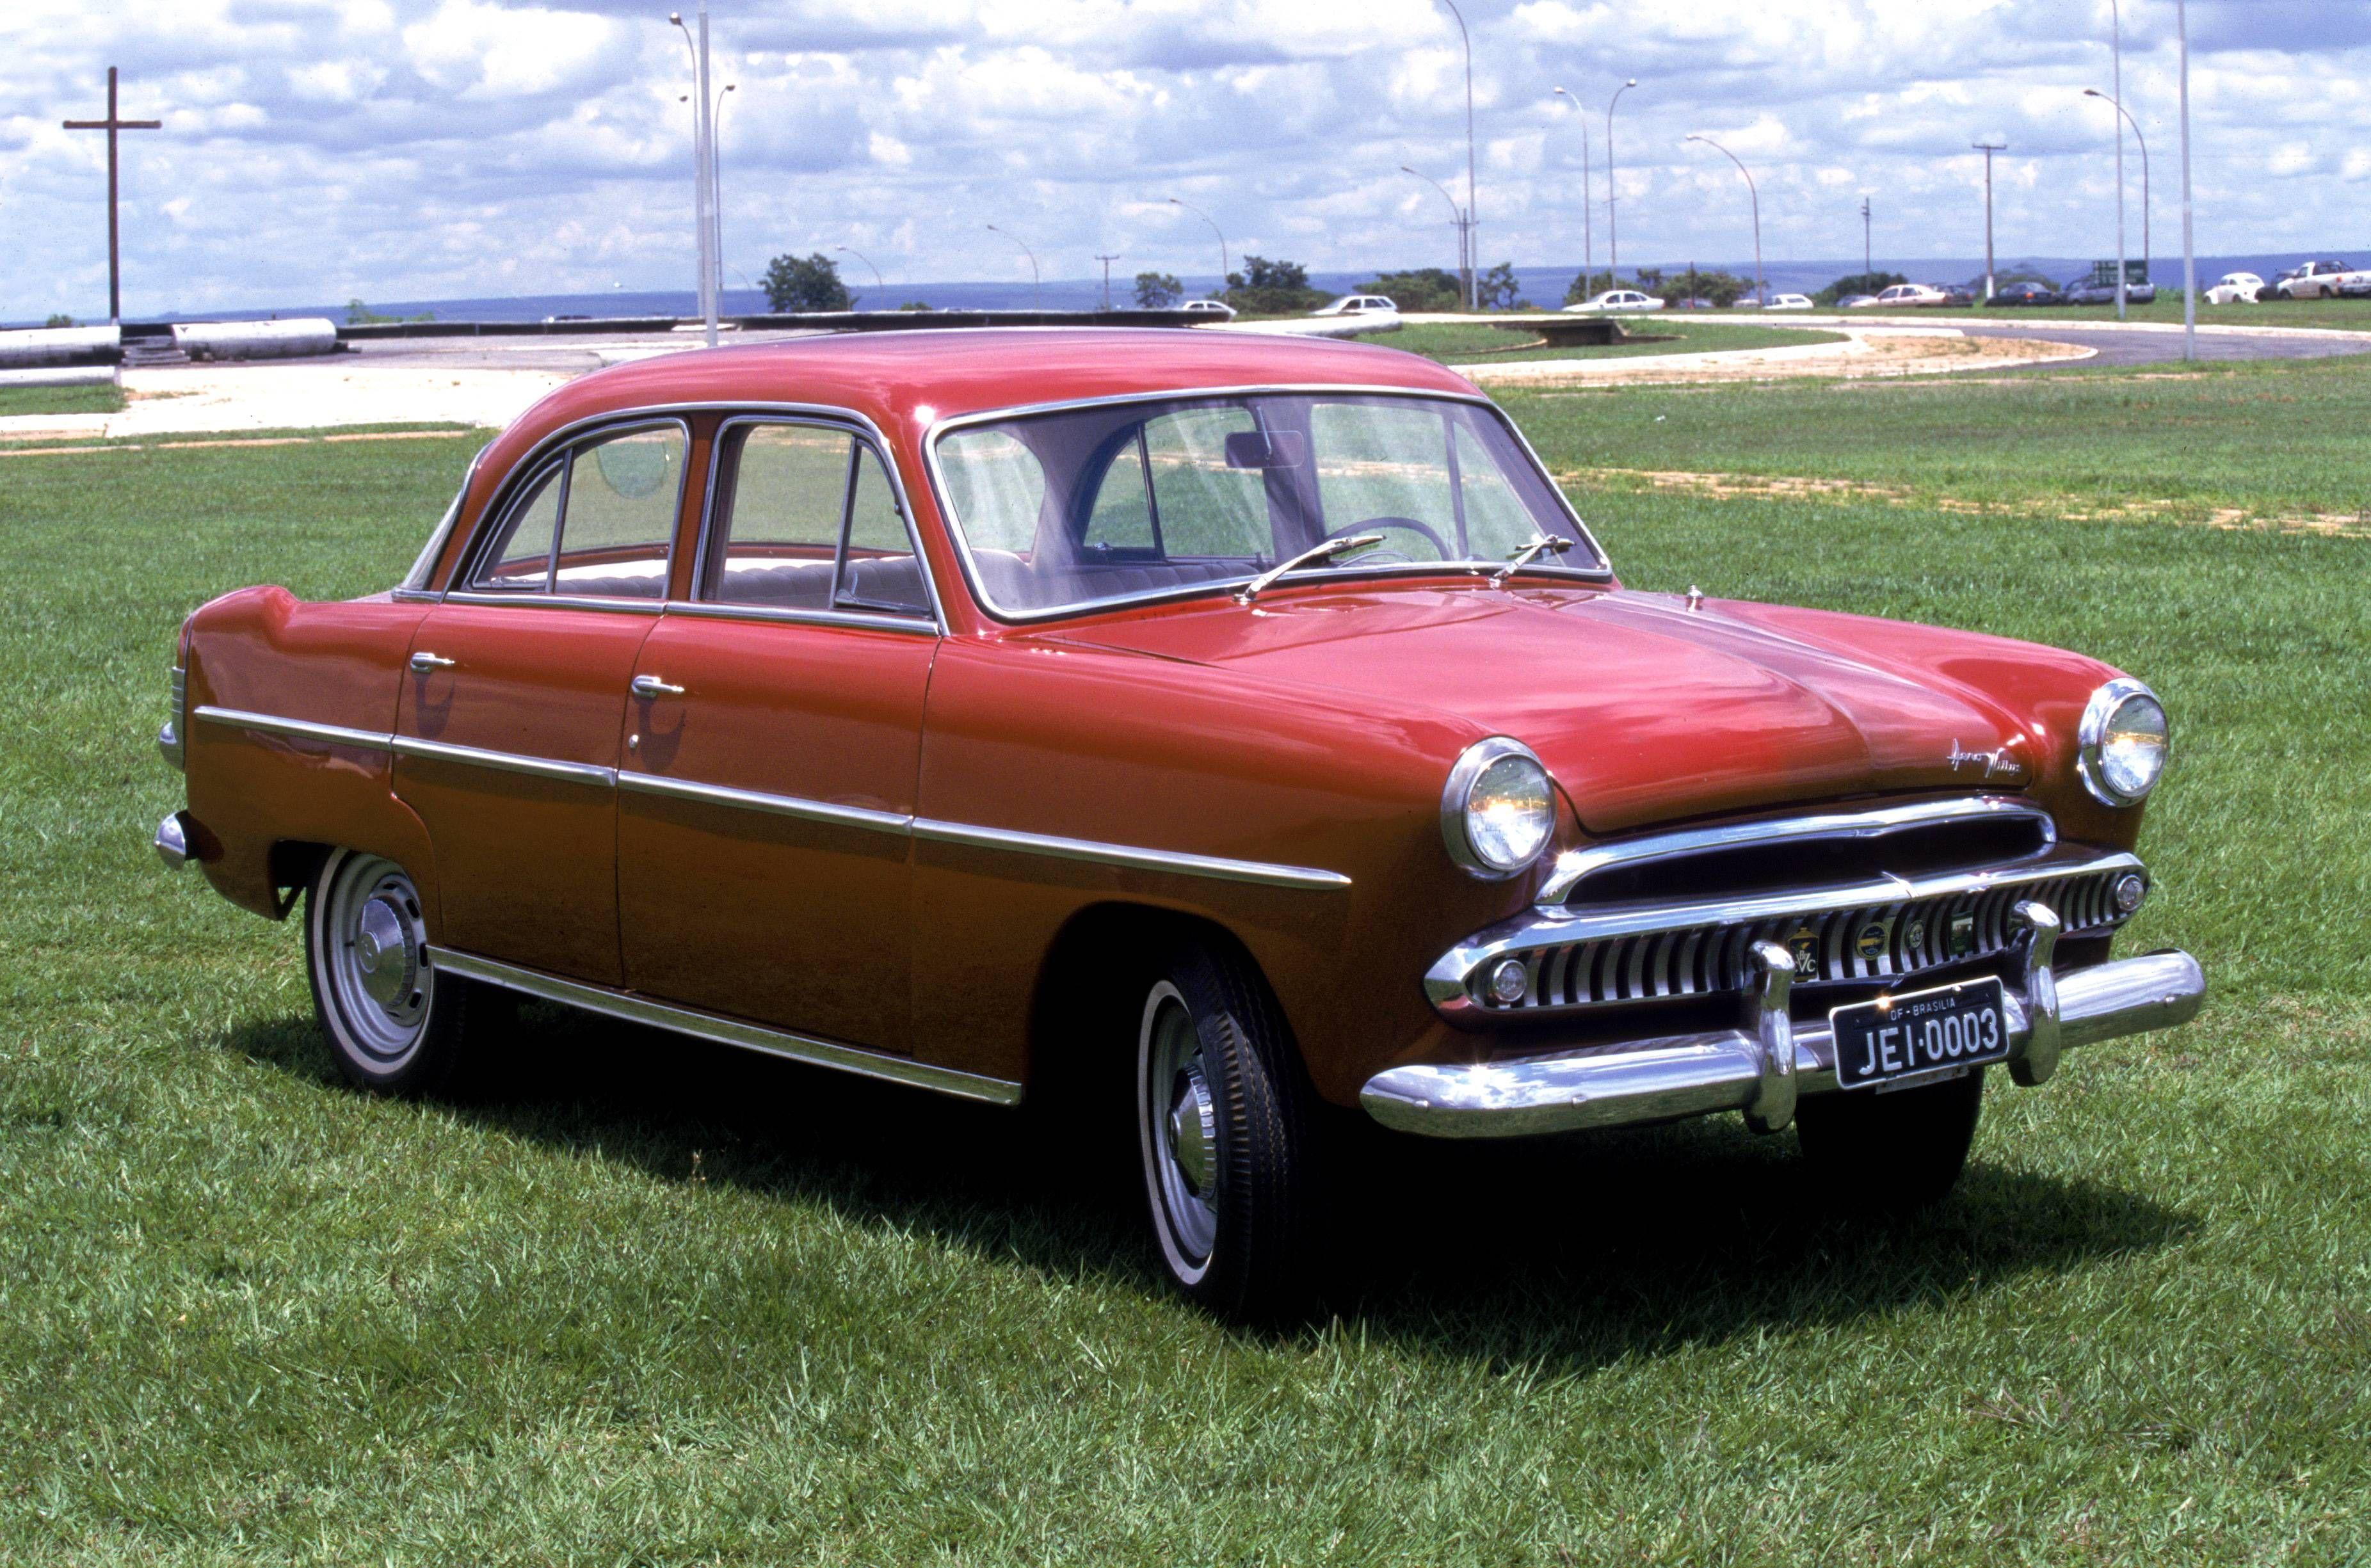 Fabrica Que Ford Fechara Tambem E Parte Da Historia De Vw Renault